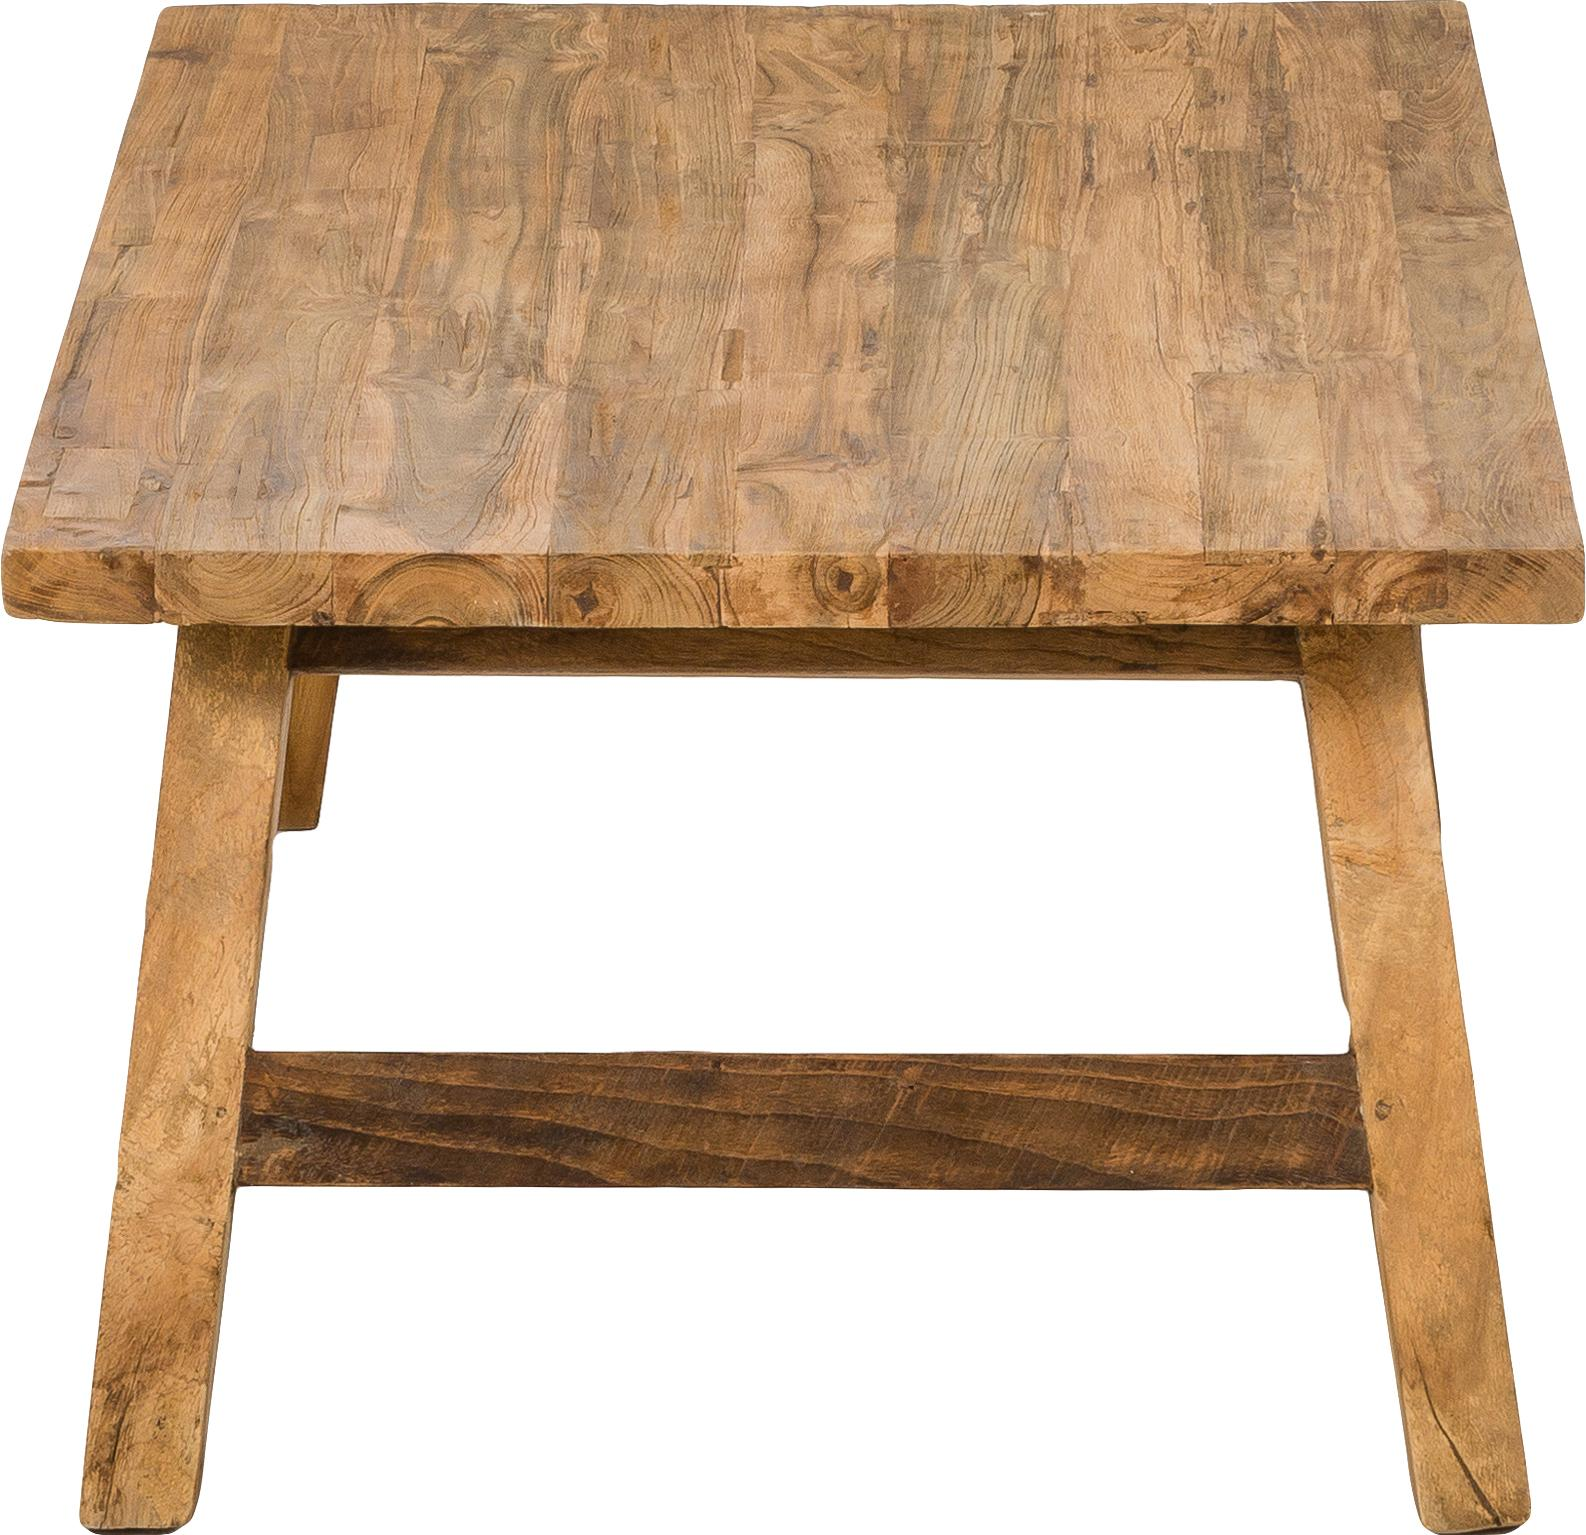 Mesa de centro de teca Lawas, Madera de teca natural, Teca, An 120 x F 70 cm